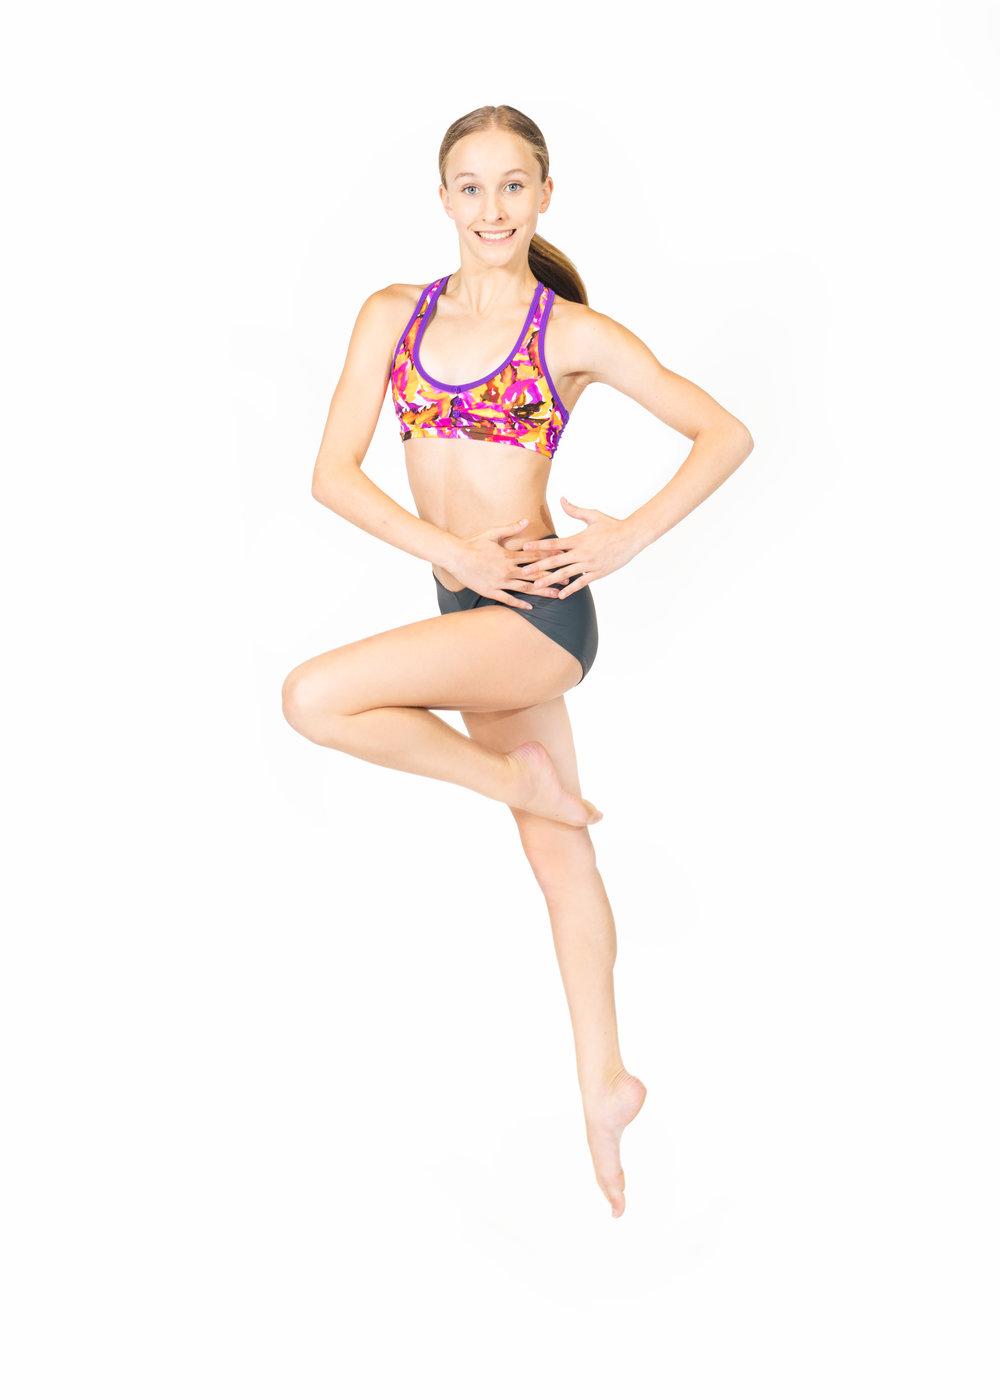 August 2017 Portland Dance Center Emma Devin 0G5A6199.jpg